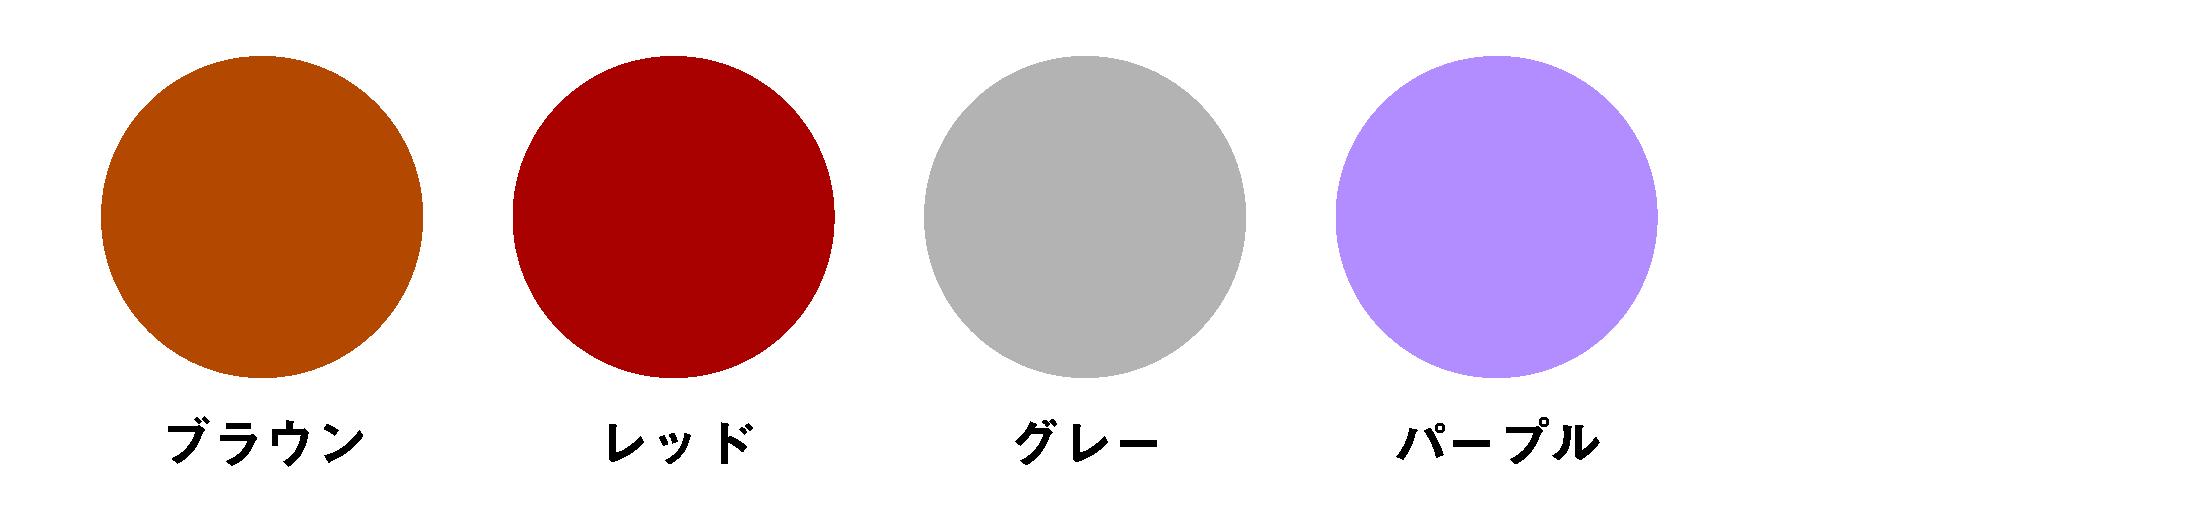 KF-014 カラーチップ